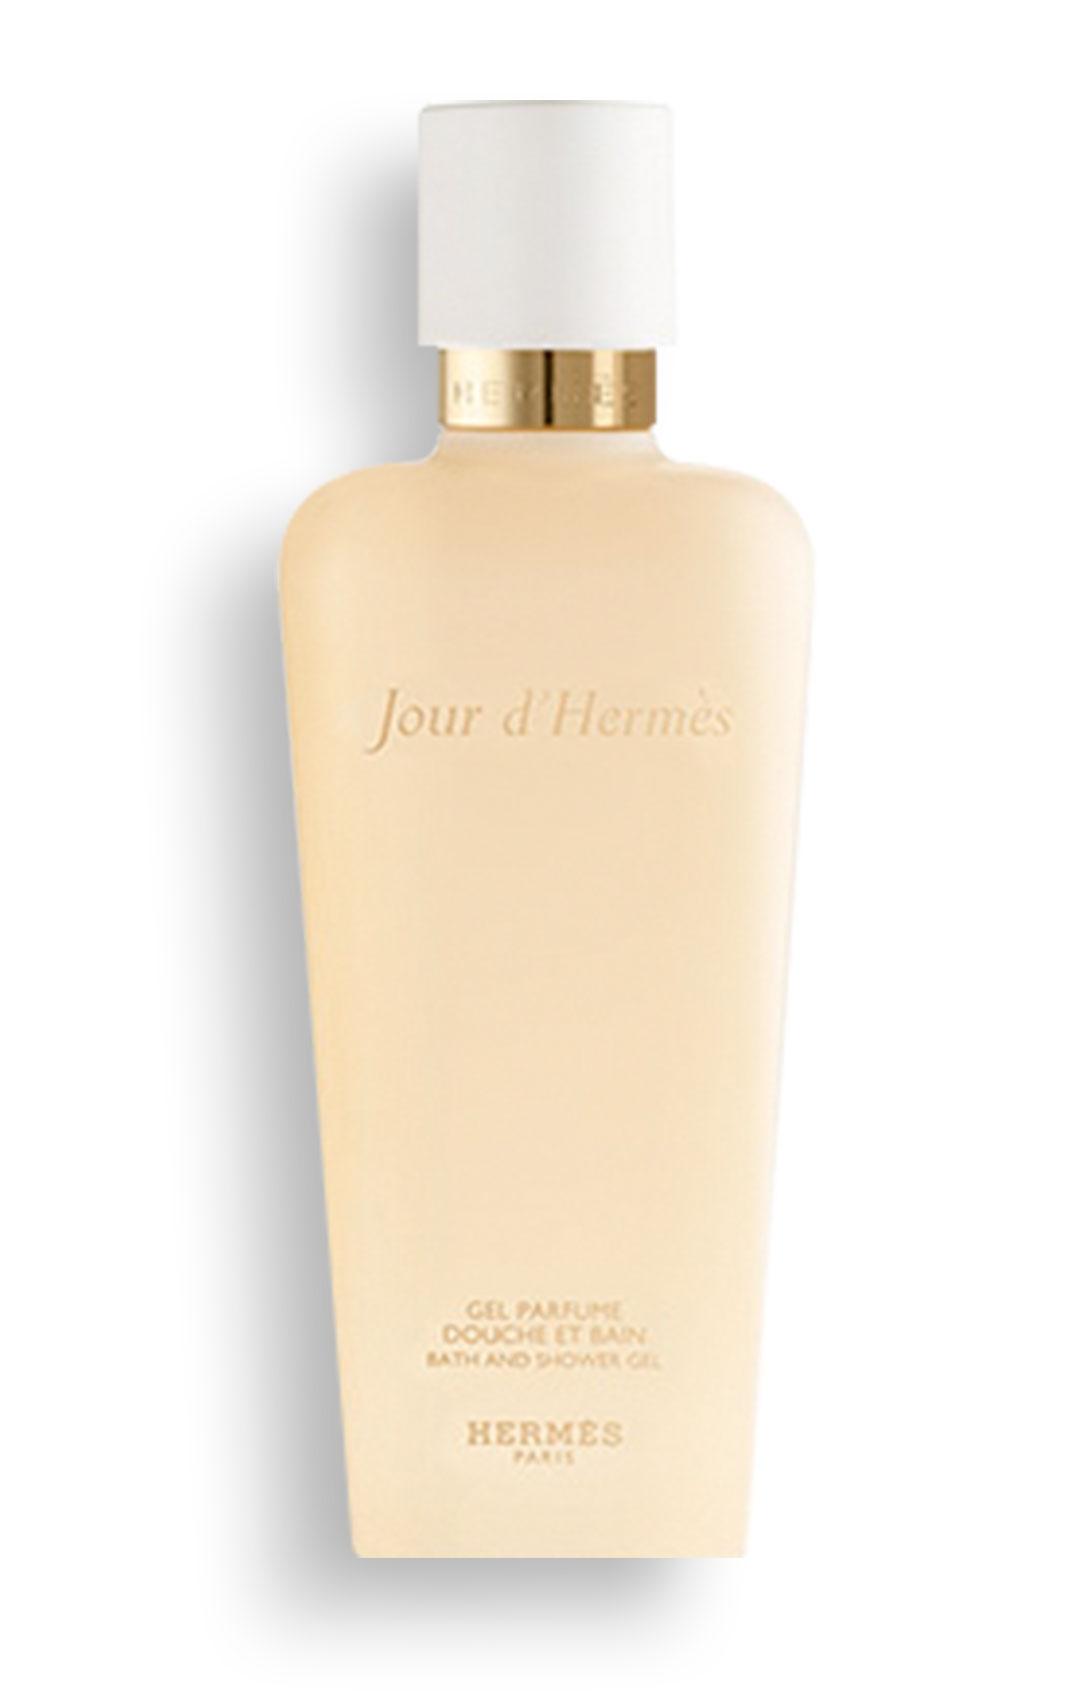 Hermès - Jour d'Hermès - Gel parfumé douche et bain 200 ml.